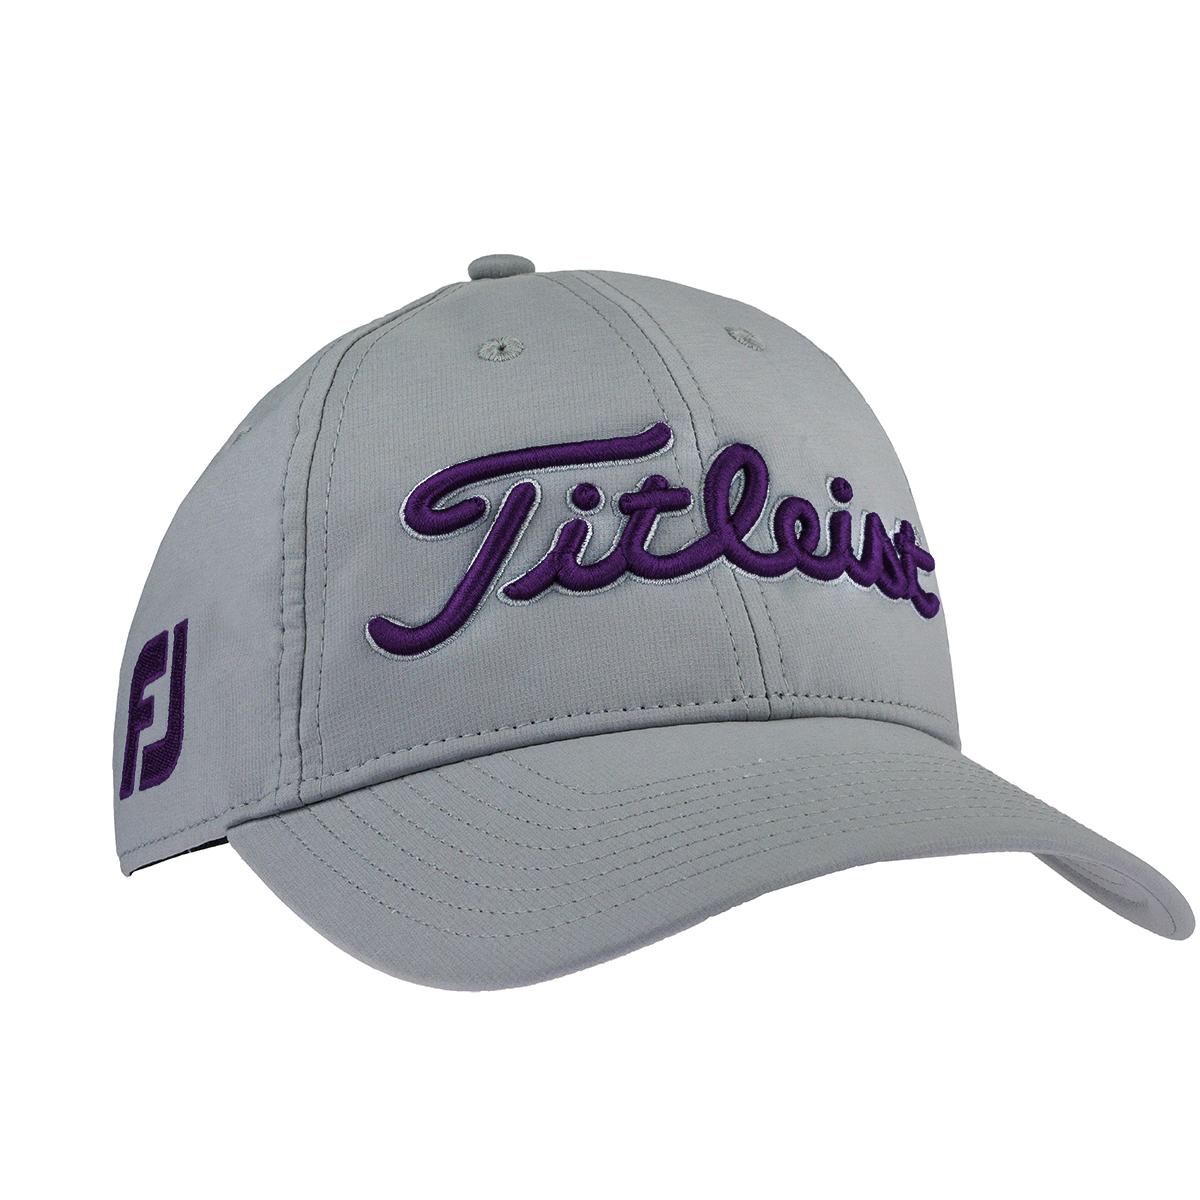 02e4ea6b6d0 Details about Titleist Men s Tour Performance Adjustable Hat Grey Purple